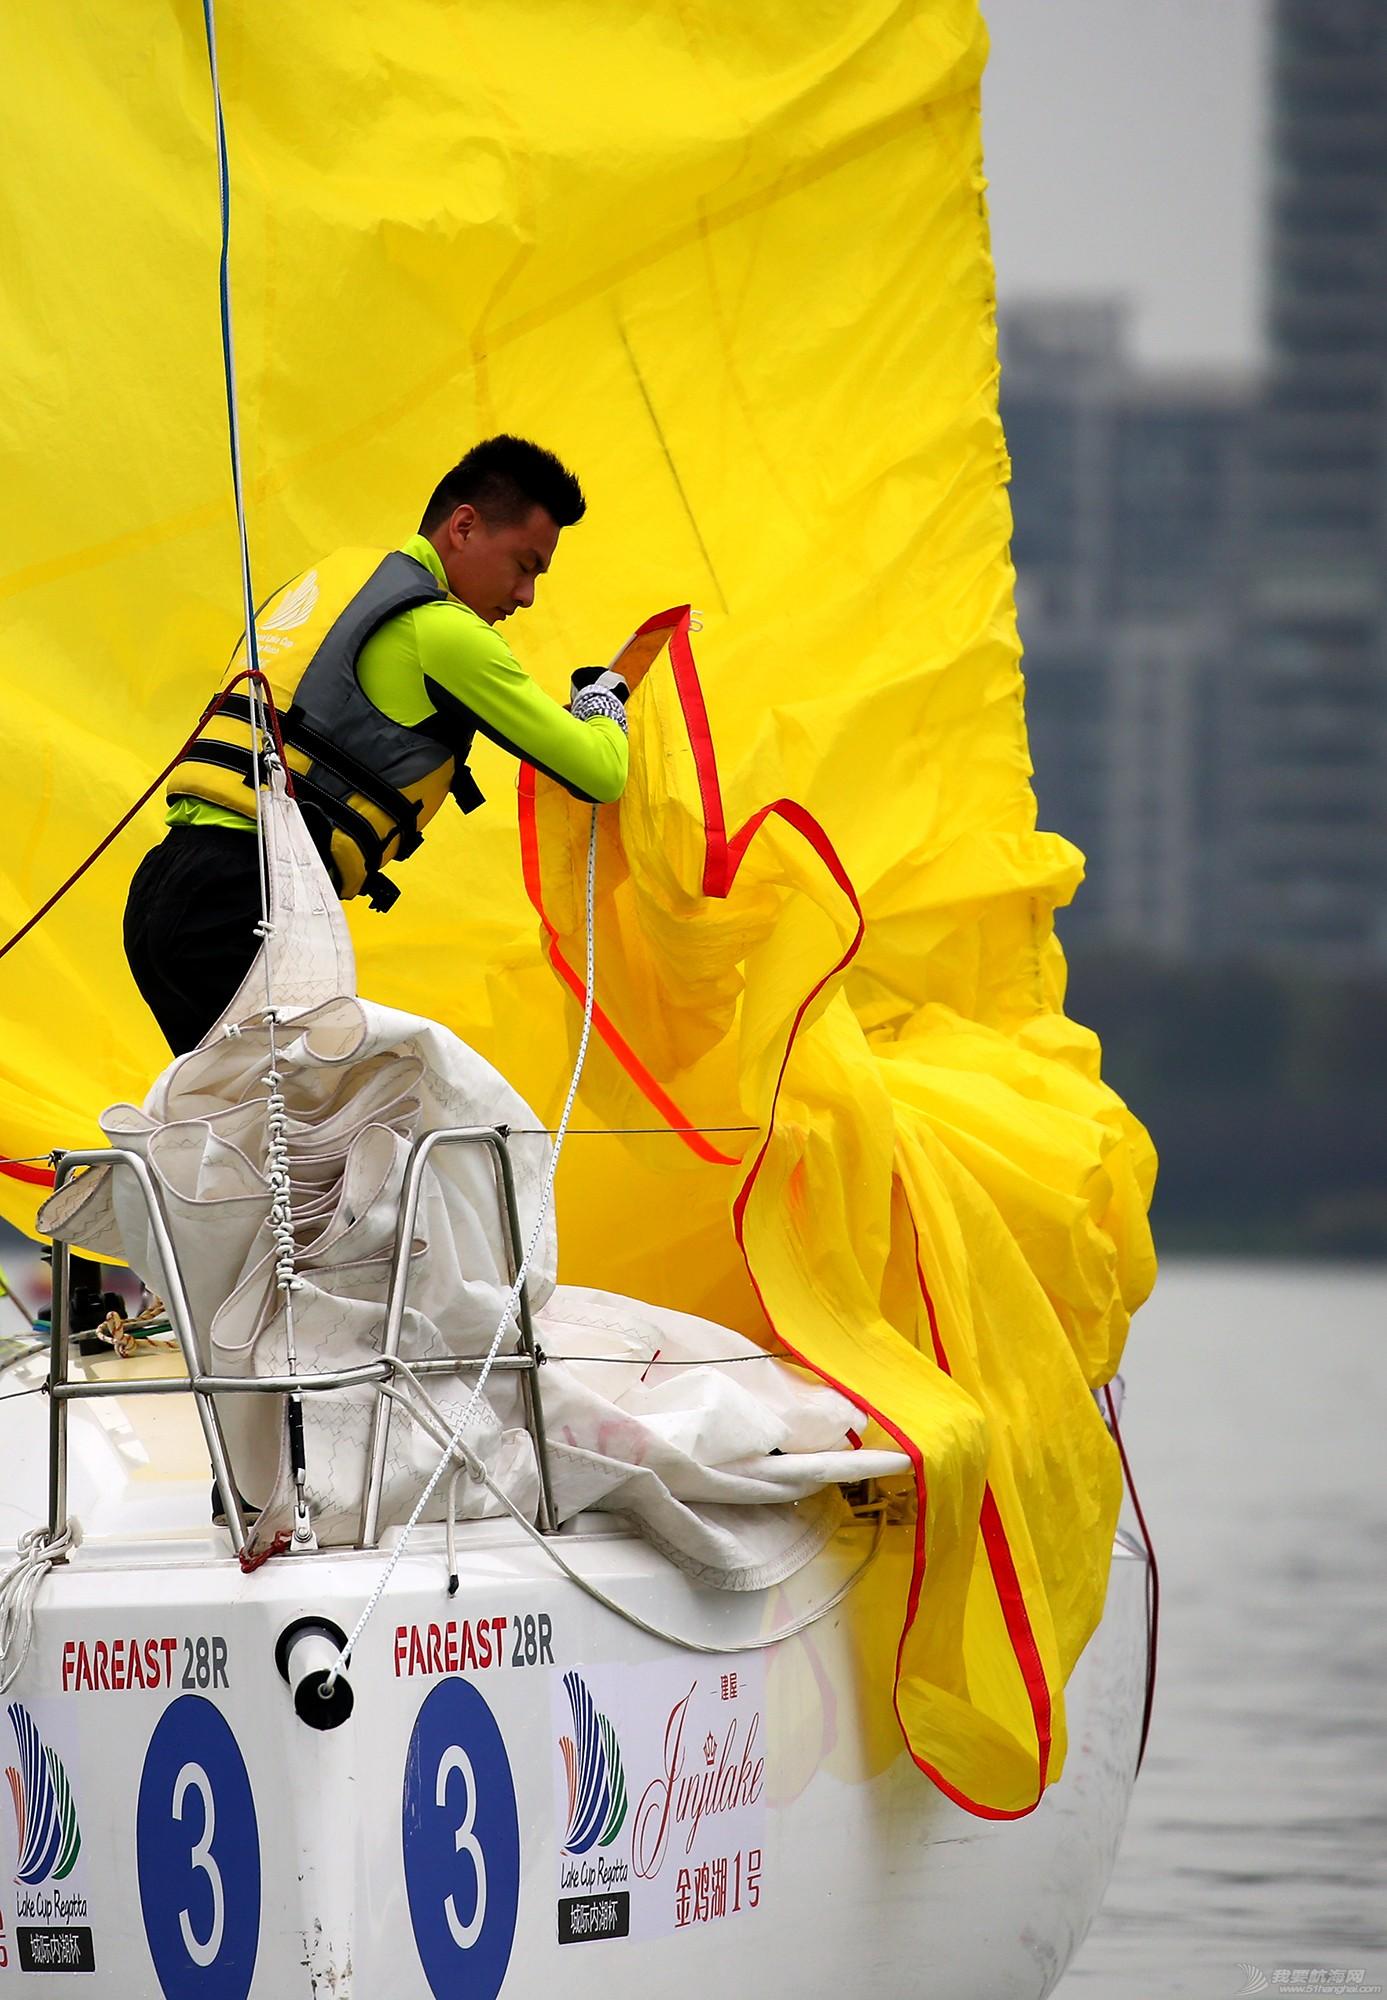 帆船,空间 帆船是灰度空间里跳动的彩色音符 E78W9667.JPG